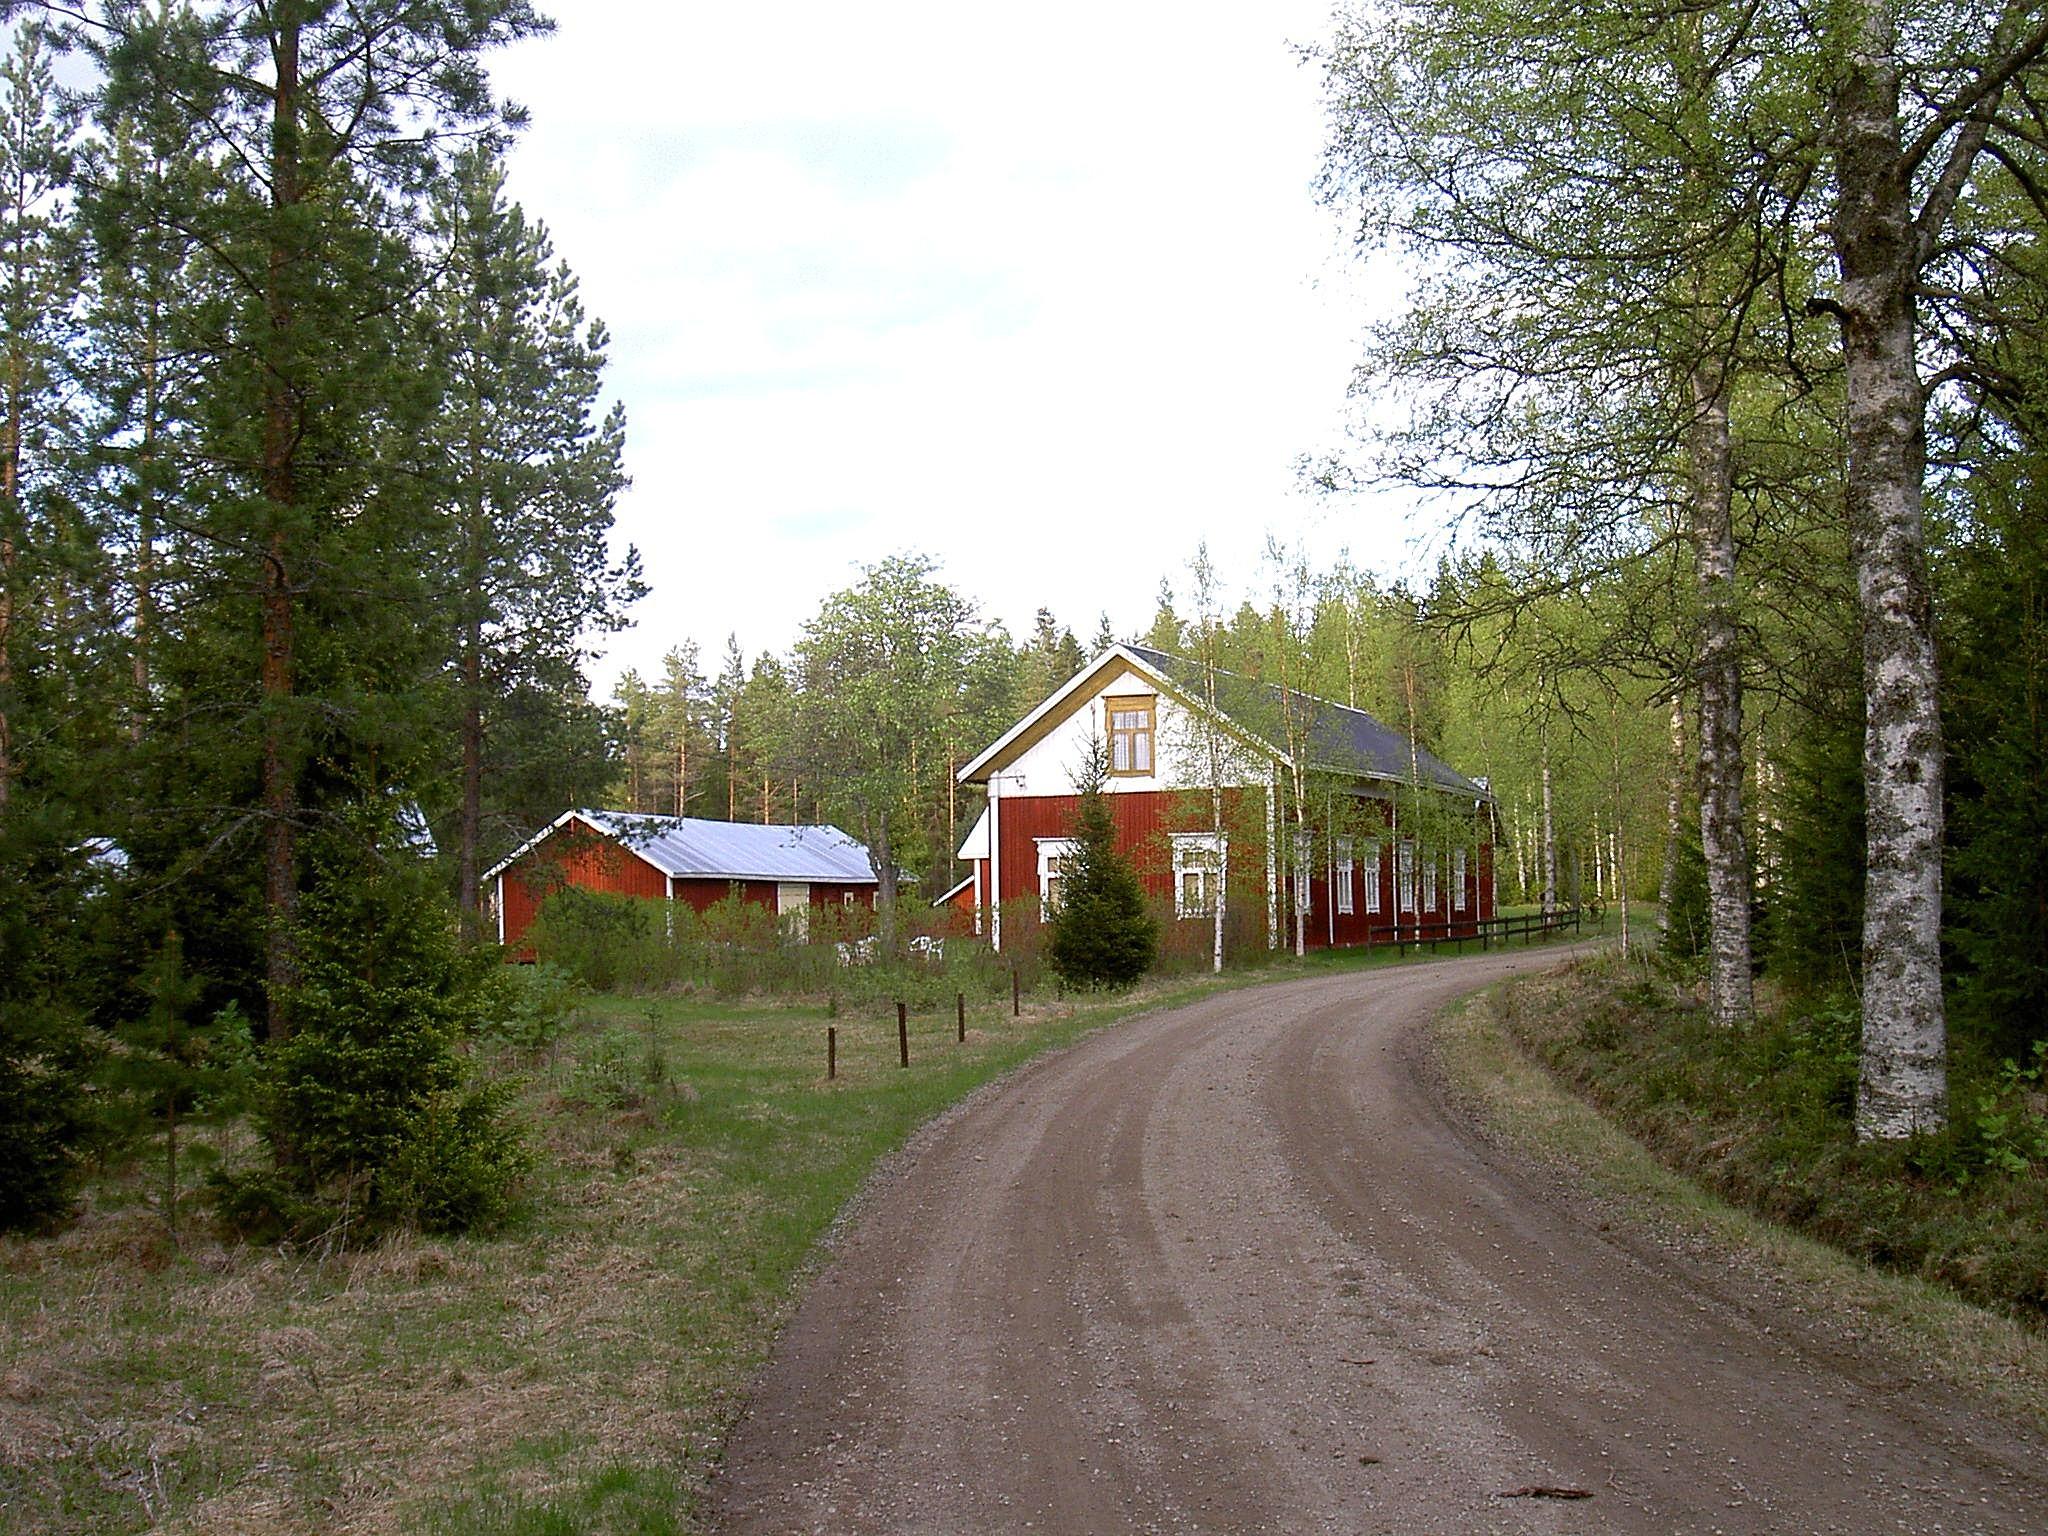 Dahlroos stilrena bondgård står nära Lillsjövägen. Fotot från 2003.